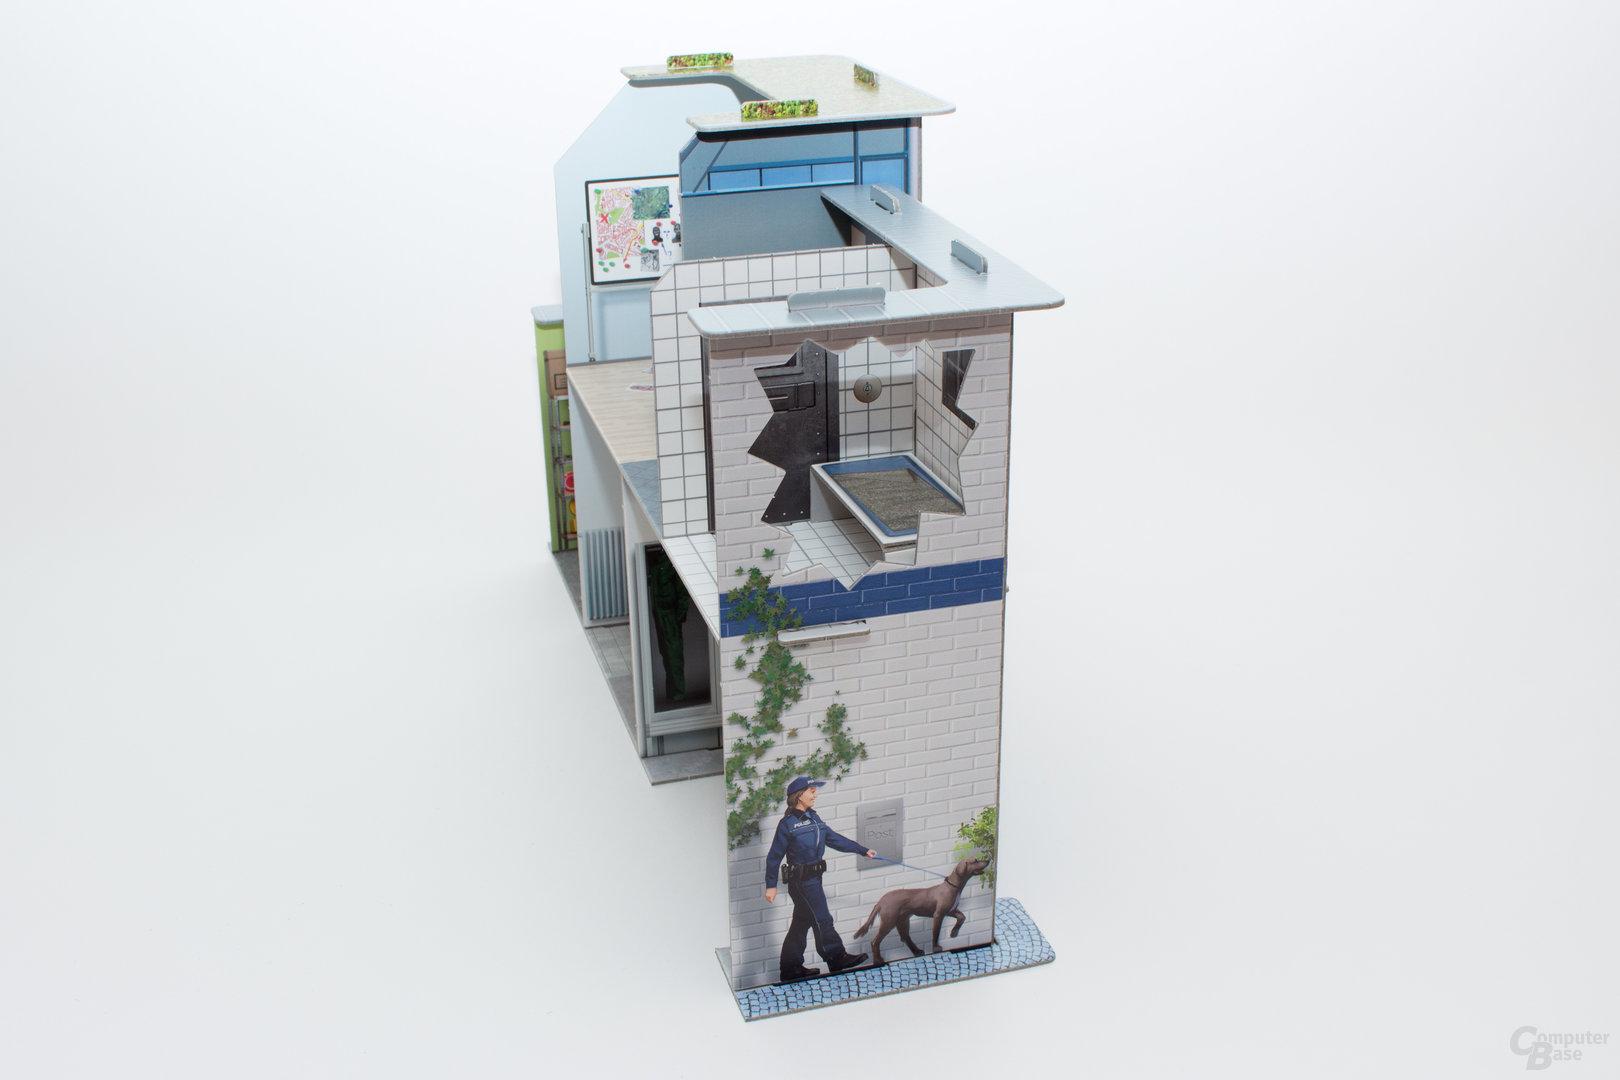 Das Polizeigebäude – schnell zusammengebaut und stabil